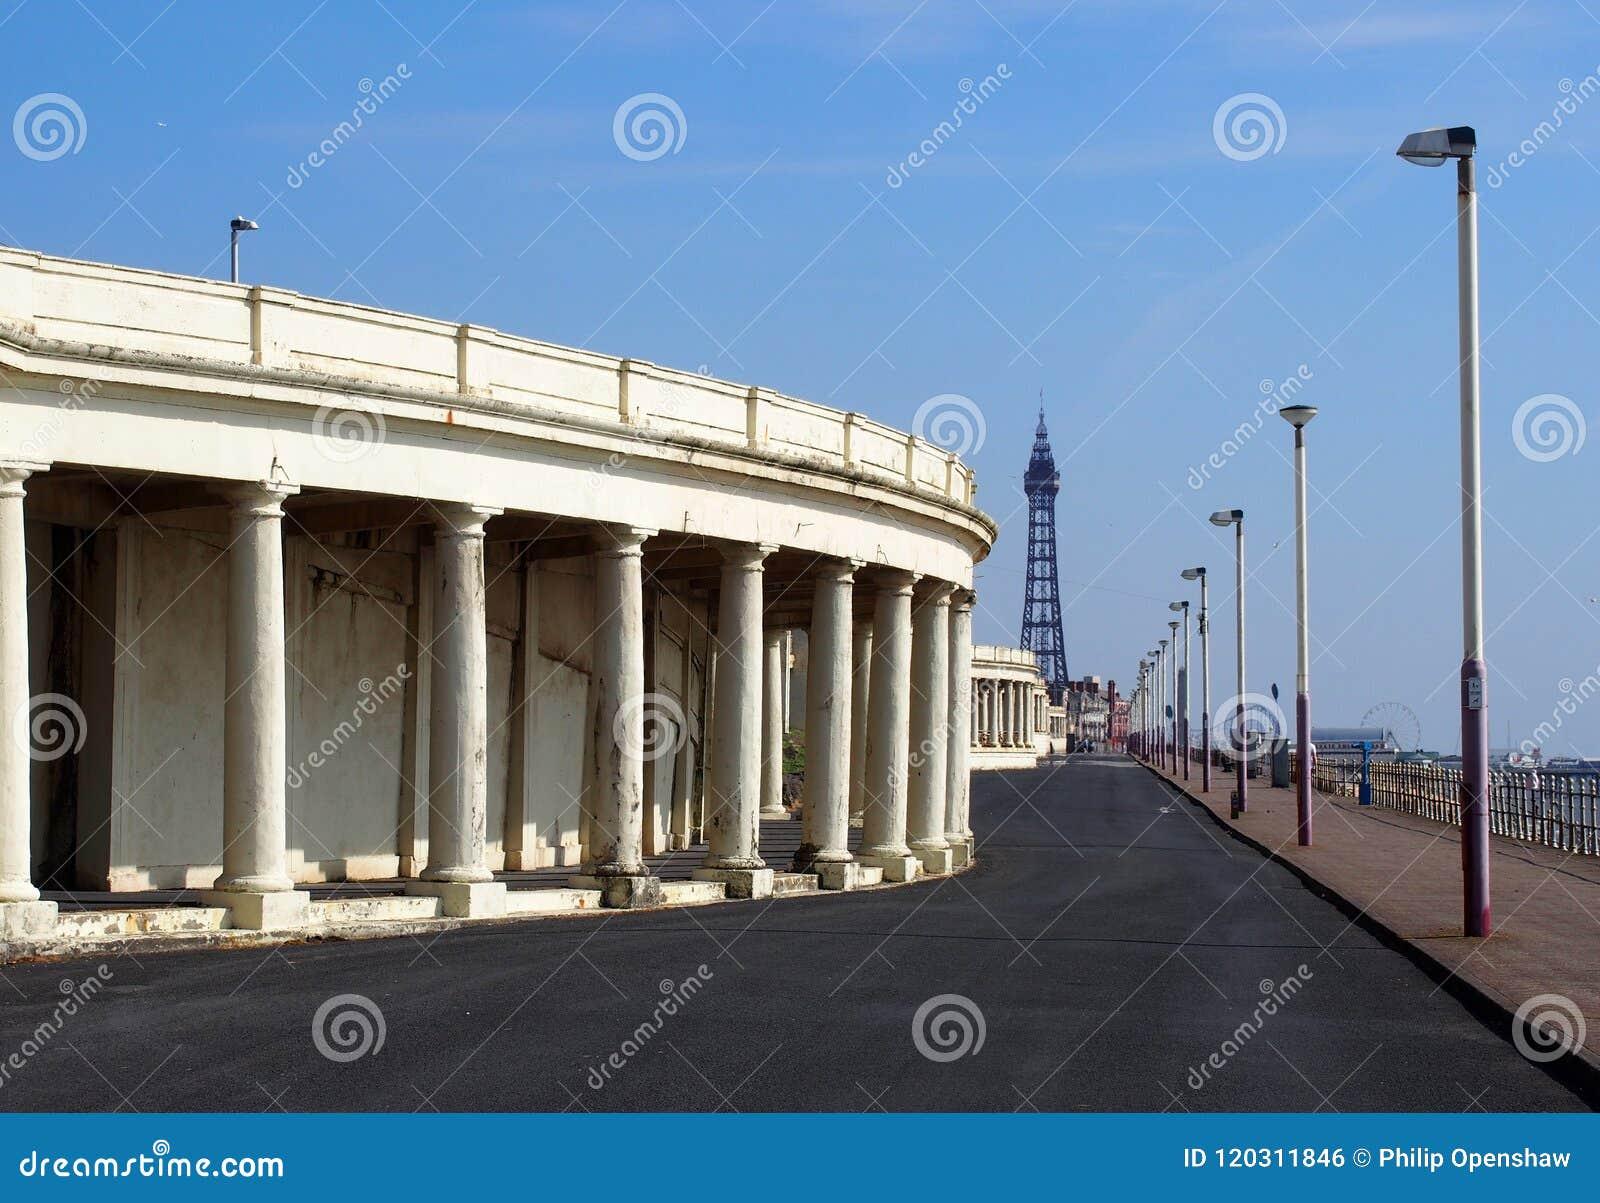 Vista lungo la passeggiata a Blackpool che mostra il viale pedonale con i vecchi ripari del lungonmare che guardano verso la spia